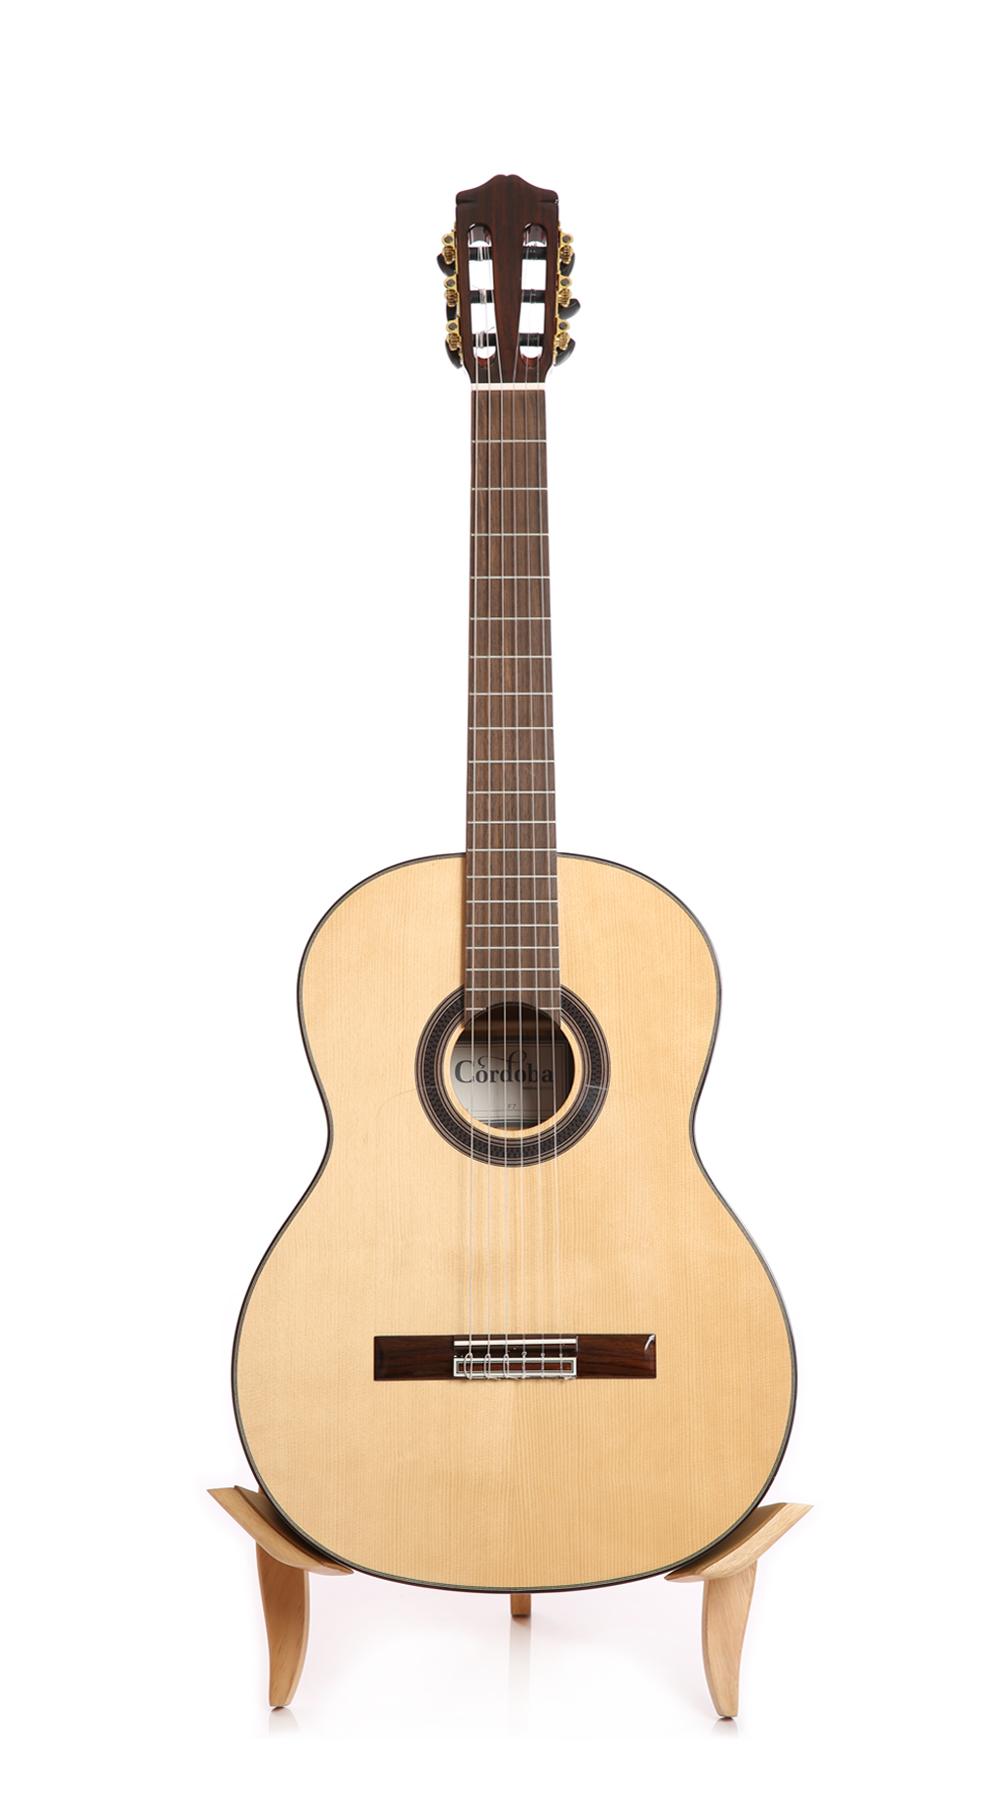 Đặc điểm của Guitars Cordoba F7